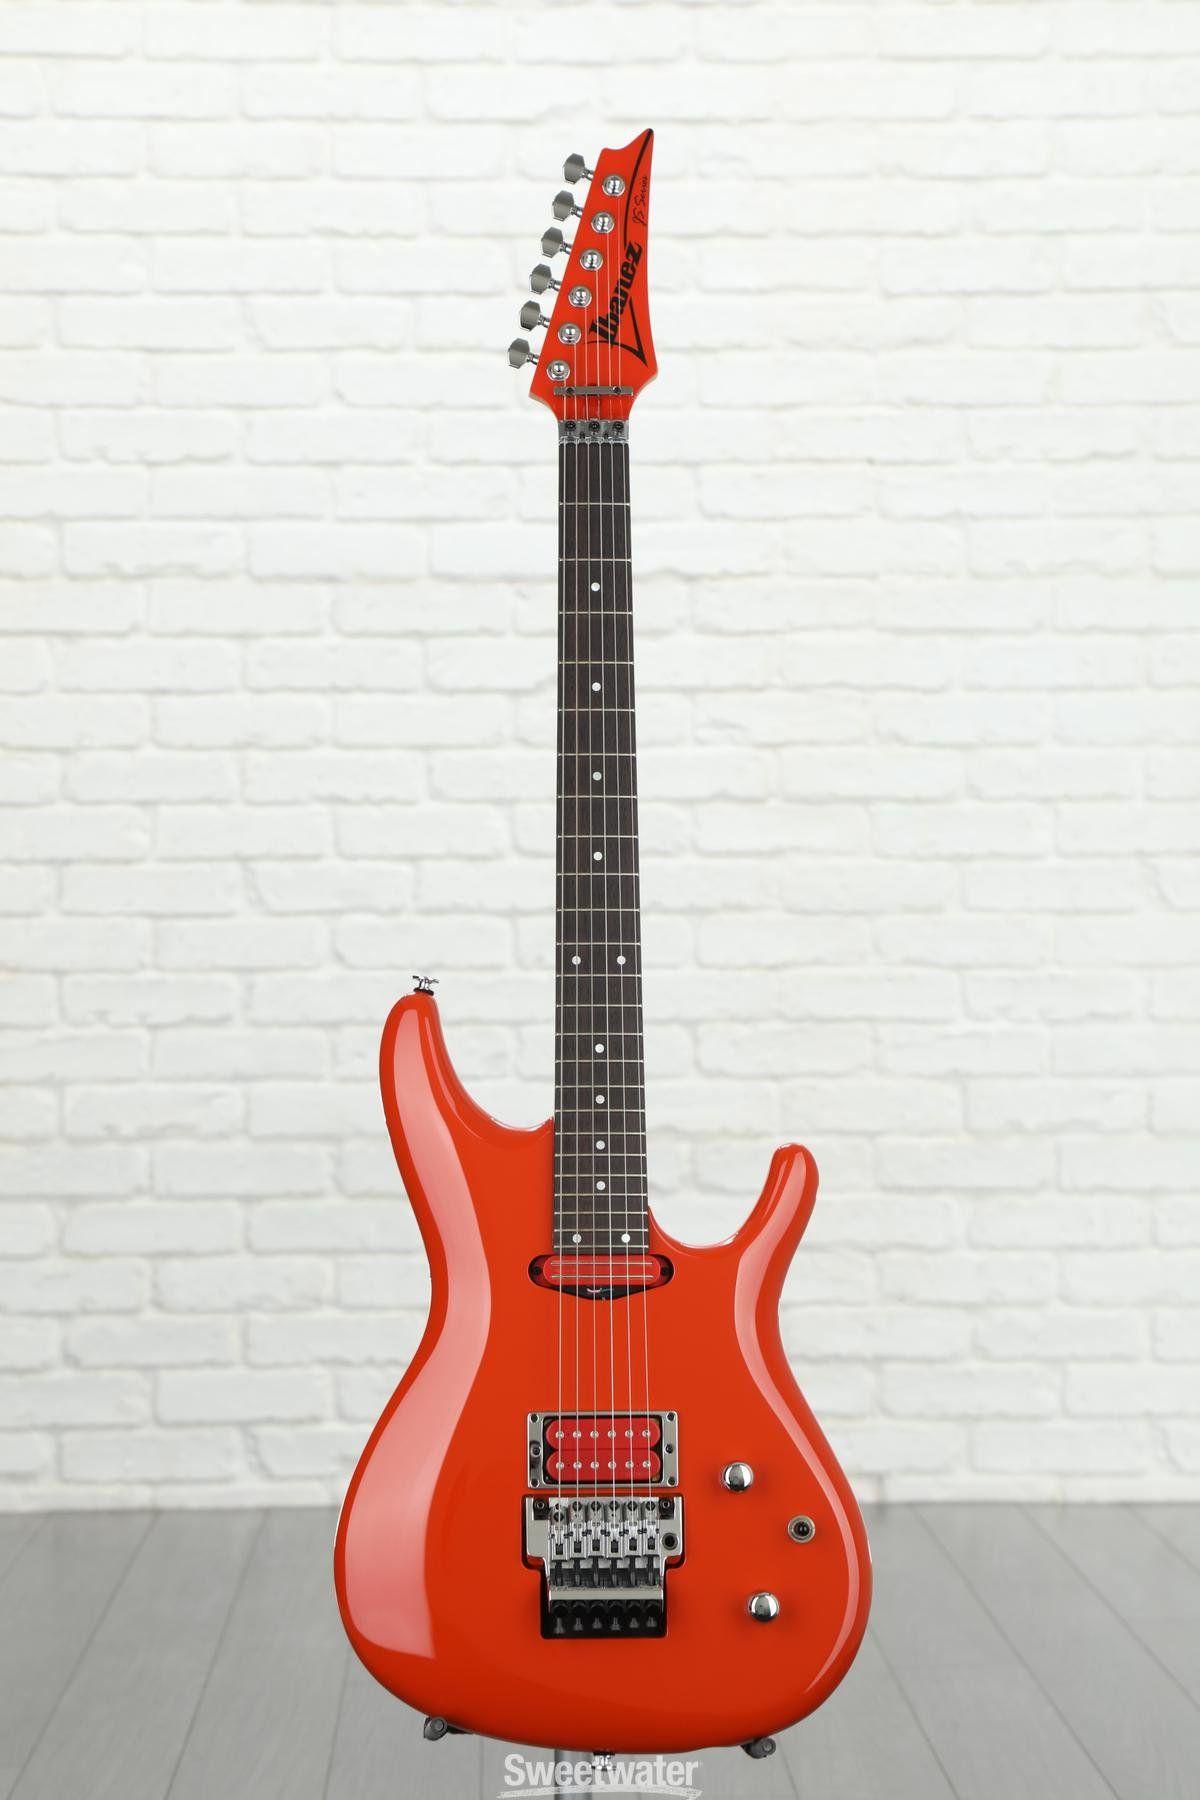 Ibanez Joe Satriani Signature Js2410 Muscle Car Orange Joe Satriani Ibanez Ibanez Guitars